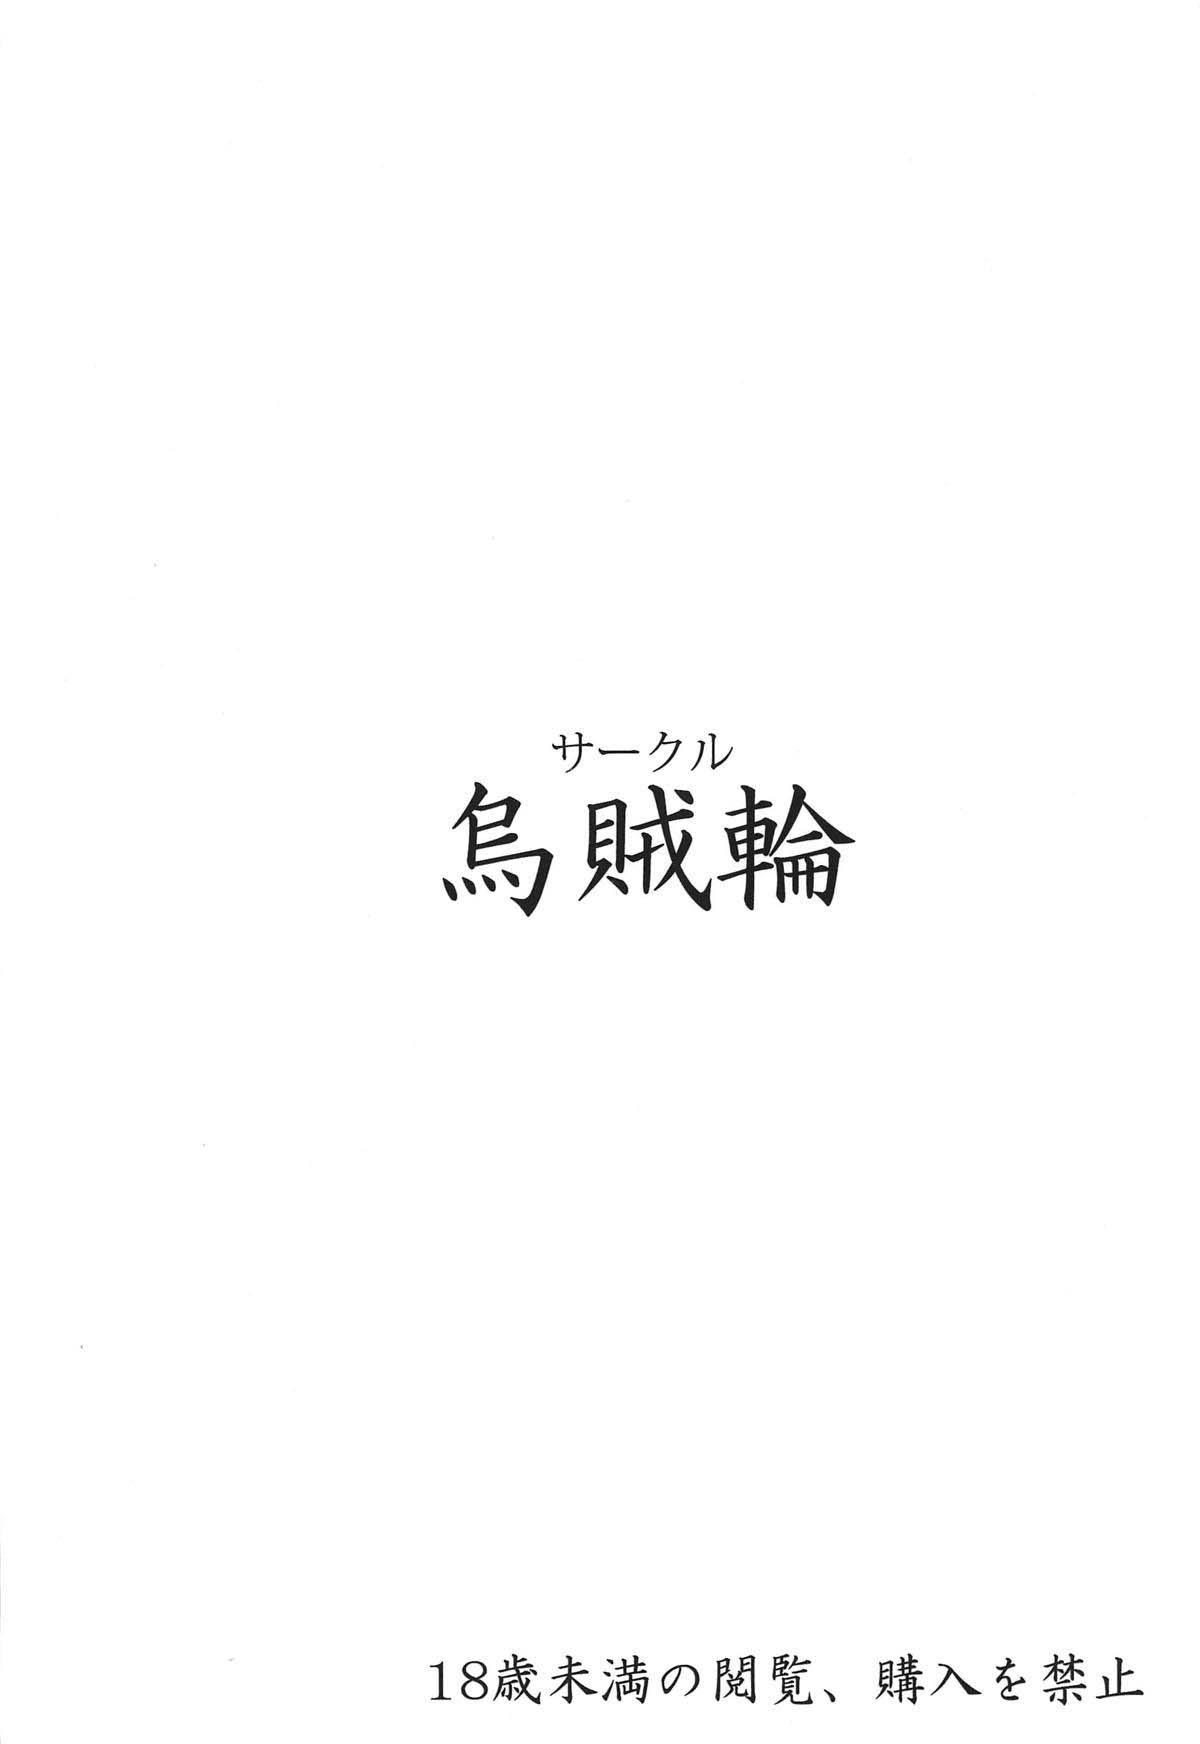 Yukari-san ga Tsurai Toki ni Yasashiku Nagusamete Kureru Hon 18